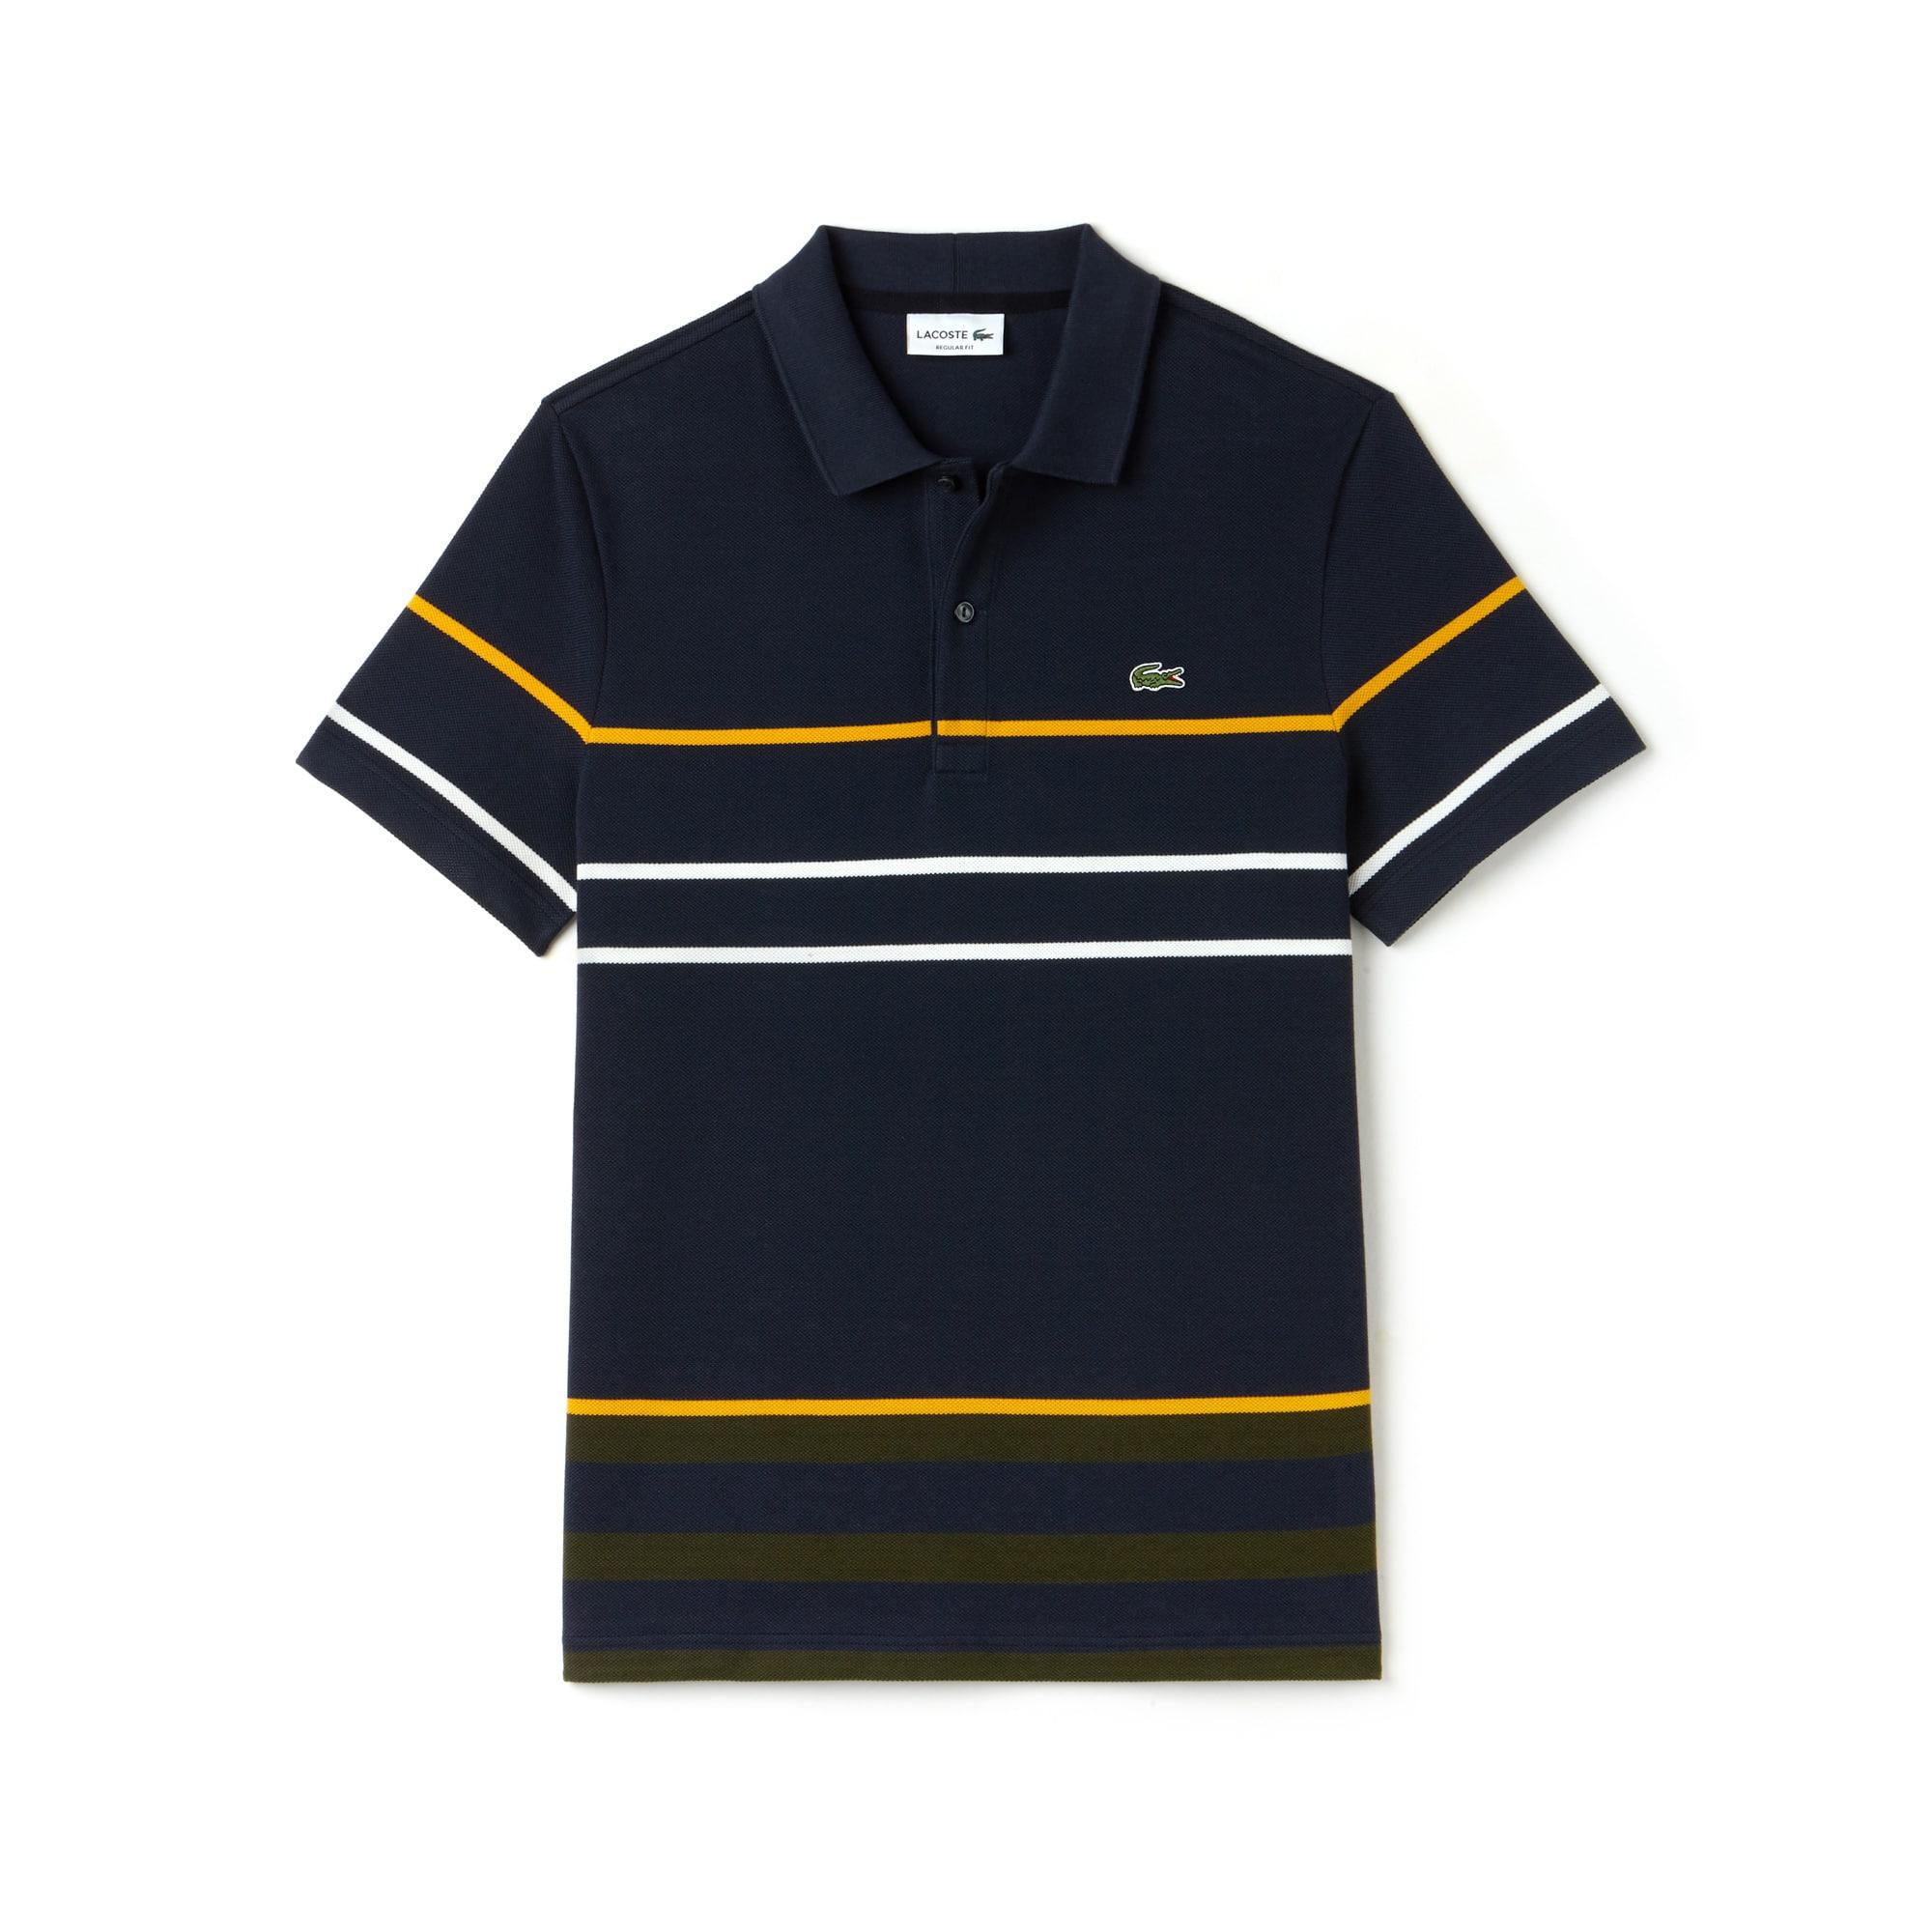 d37d91ac328cb Men s Clothing on Sale